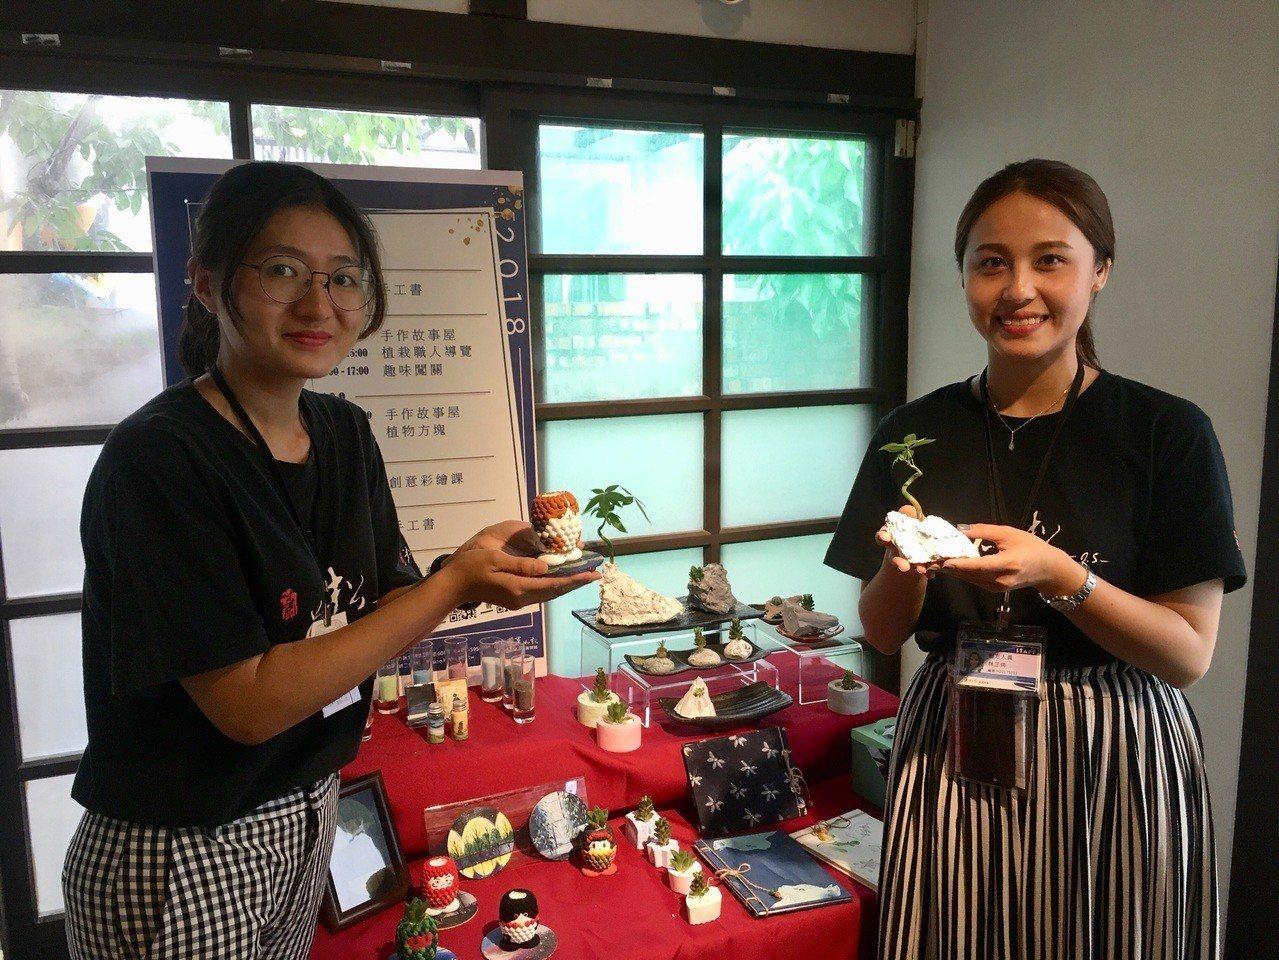 此次「蕭如松藝術節」中的「好客童年-親子活動」,安排「植物方塊」手作課程,利用農...